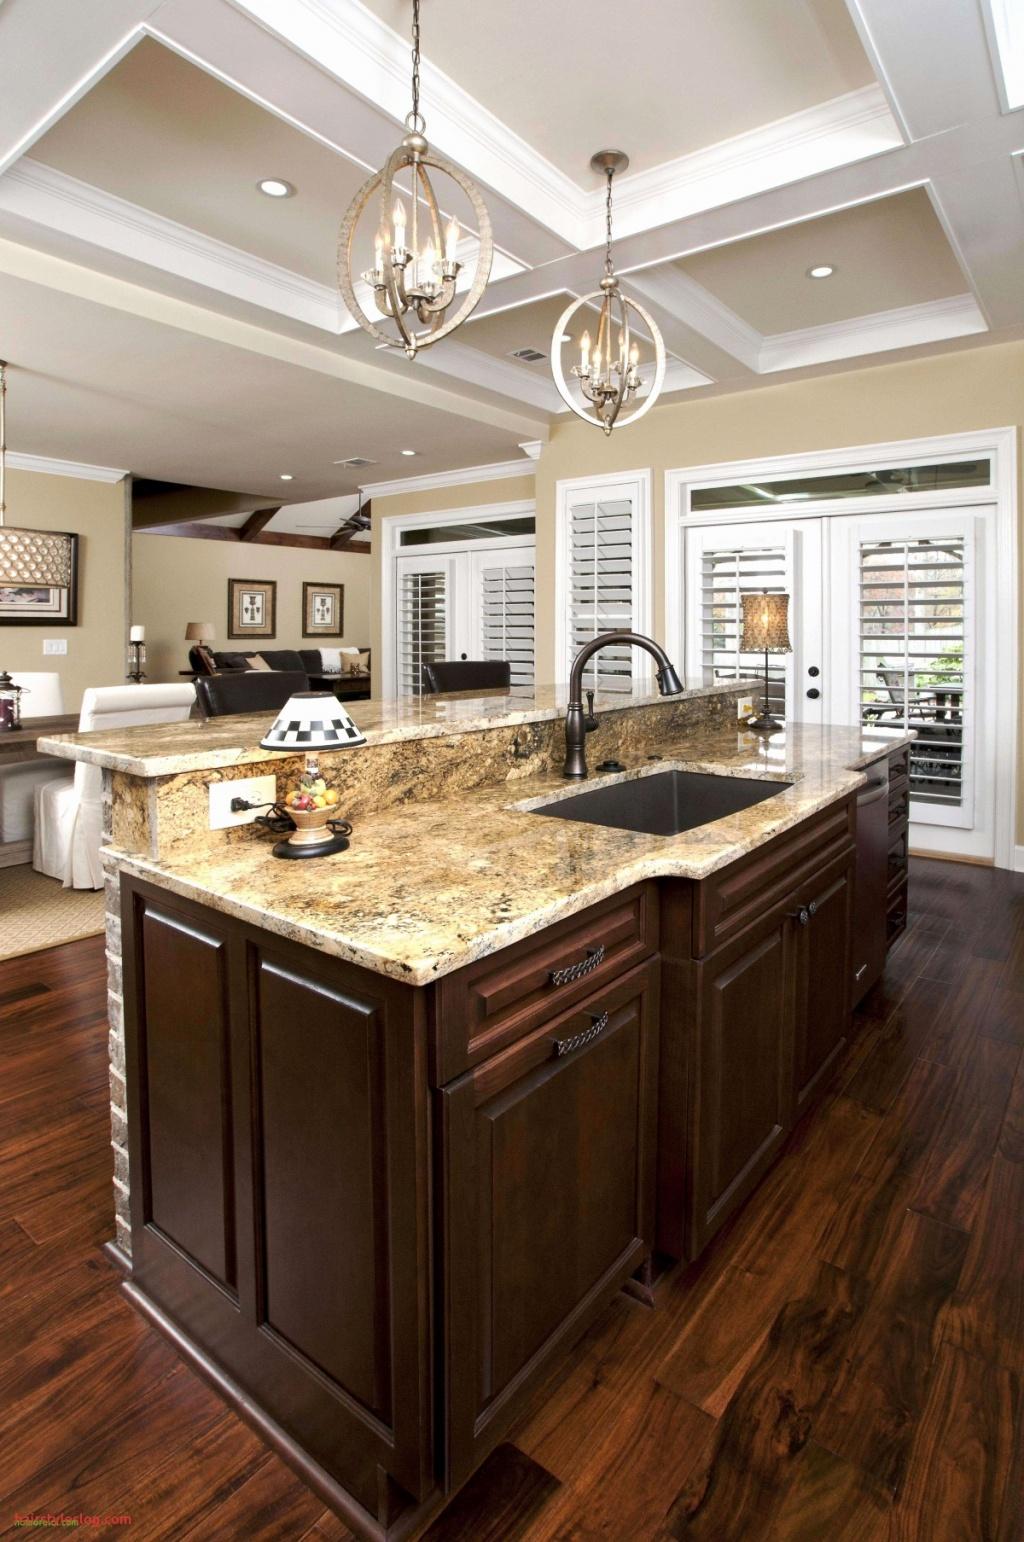 Fashionable kitchen chandelier